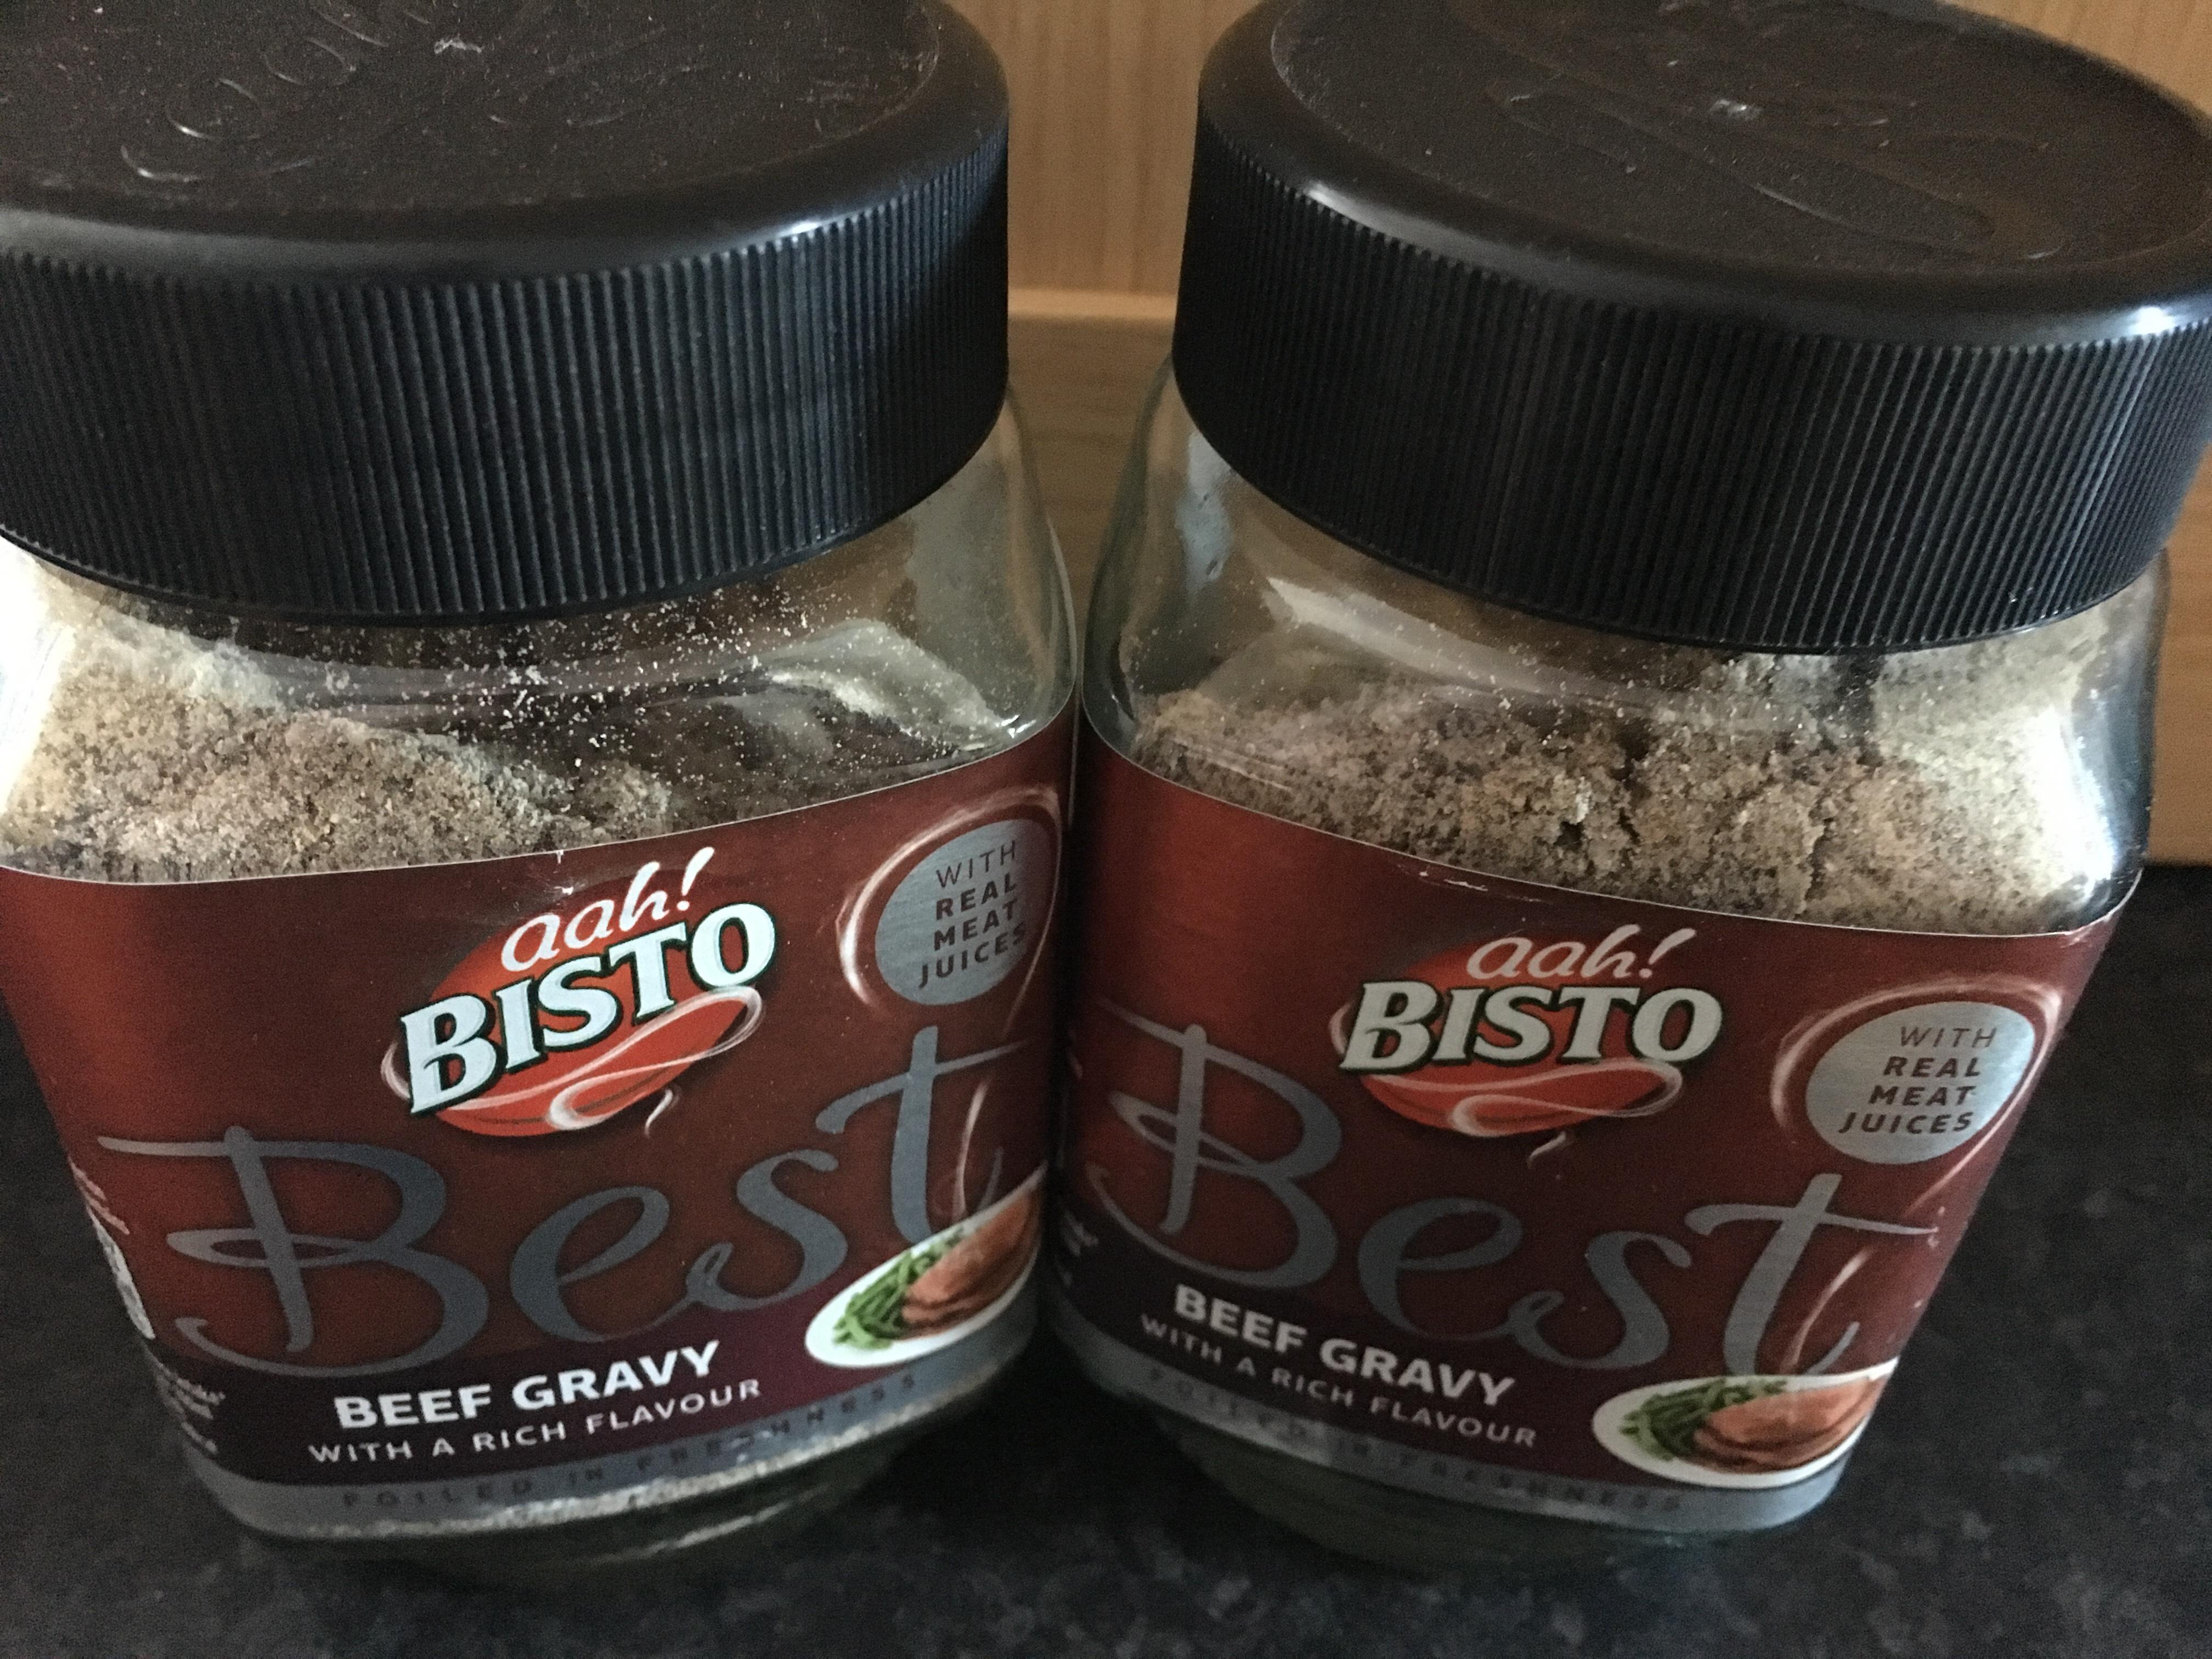 Aldi - Bisto Best gravy - beef or chicken 99p instore